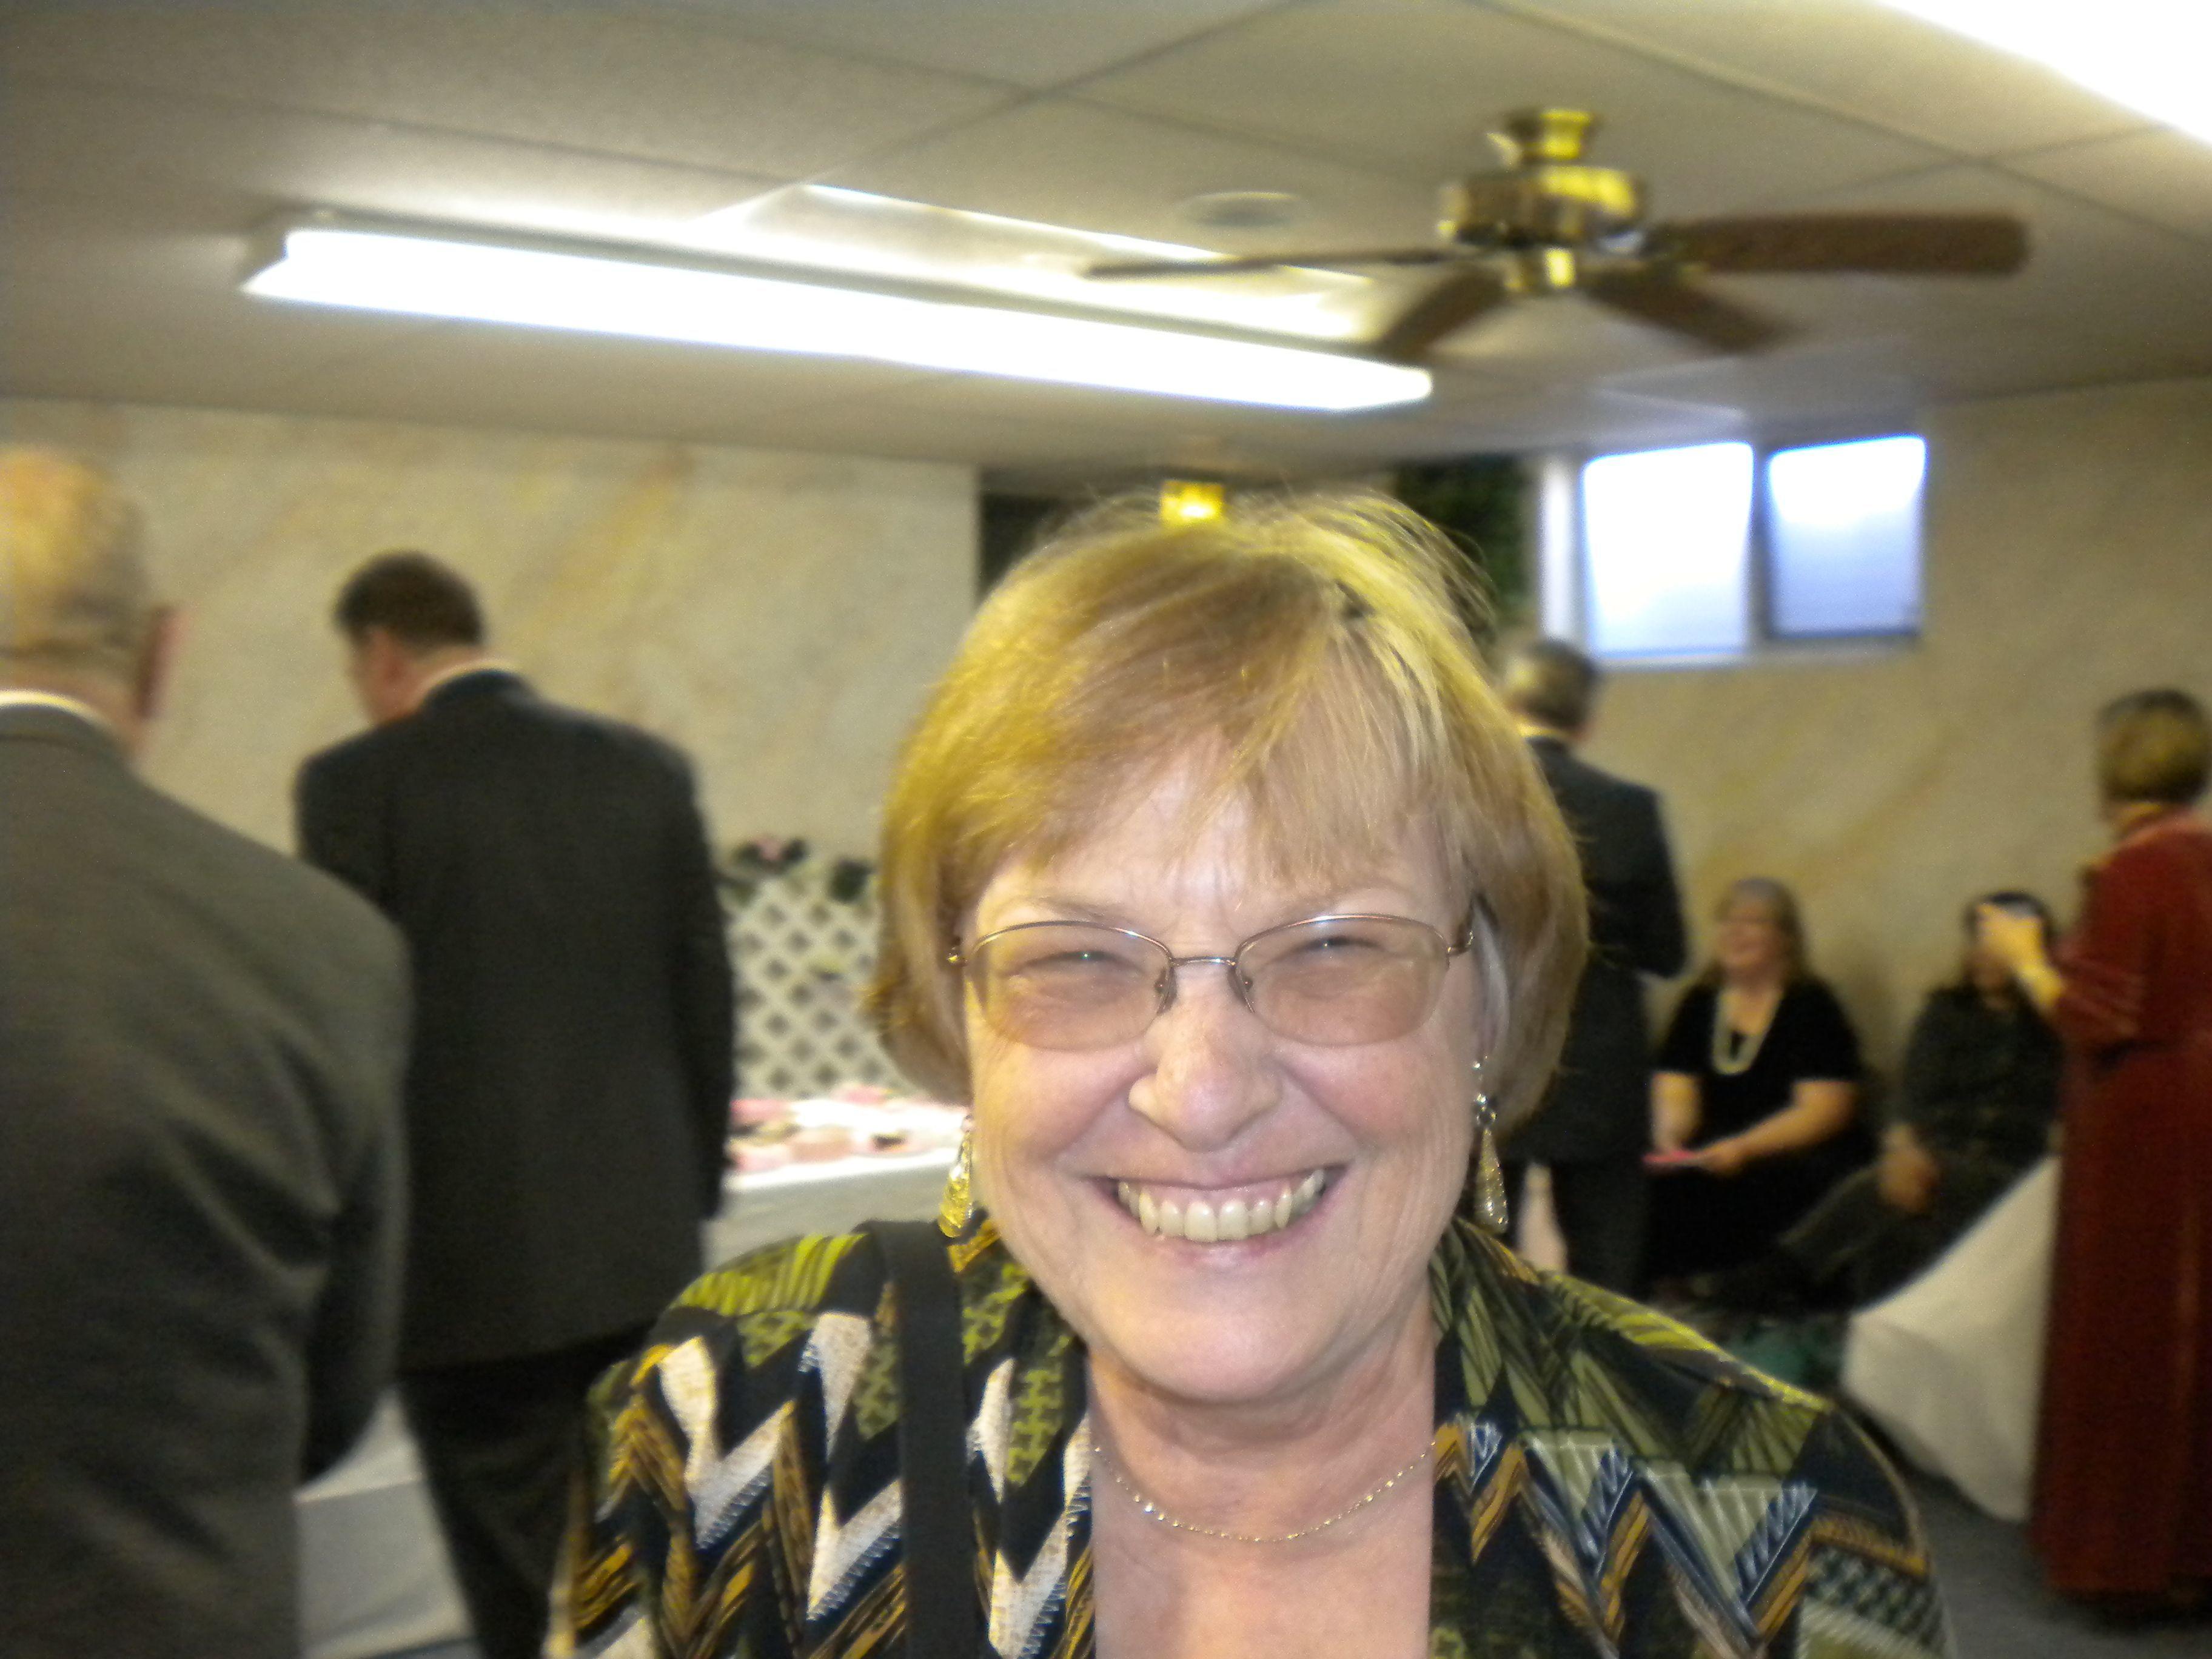 joyce senior singles View joyce boerkoel's profile on linkedin,  de meeste singles die zich inschrijven bij individuo wonen in drenthe,  familytherapist, senior lecturer,.